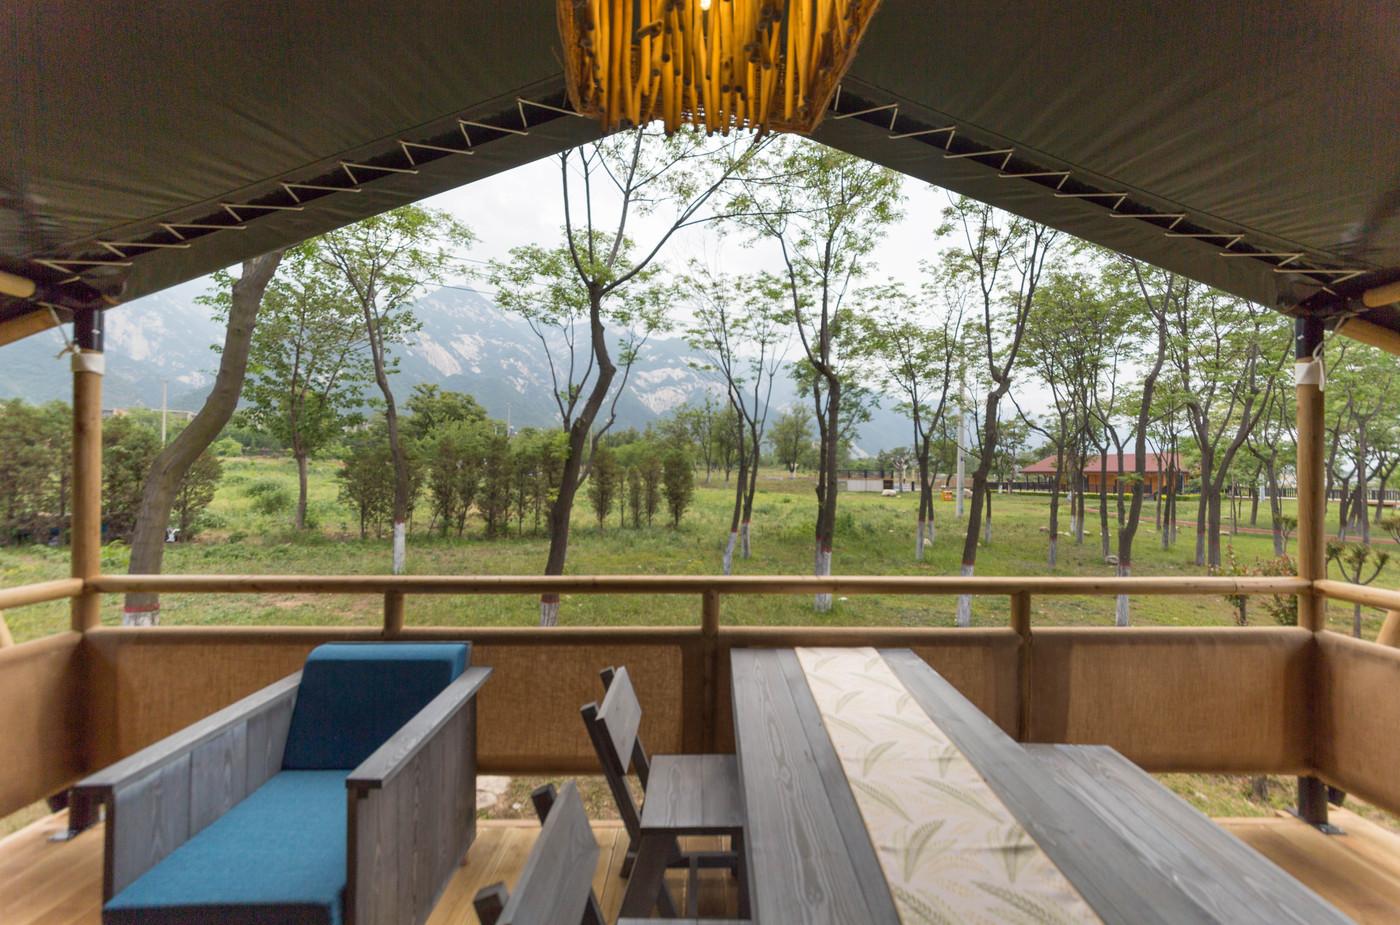 喜马拉雅野奢帐篷酒店—华山自驾游露营地(78平)18